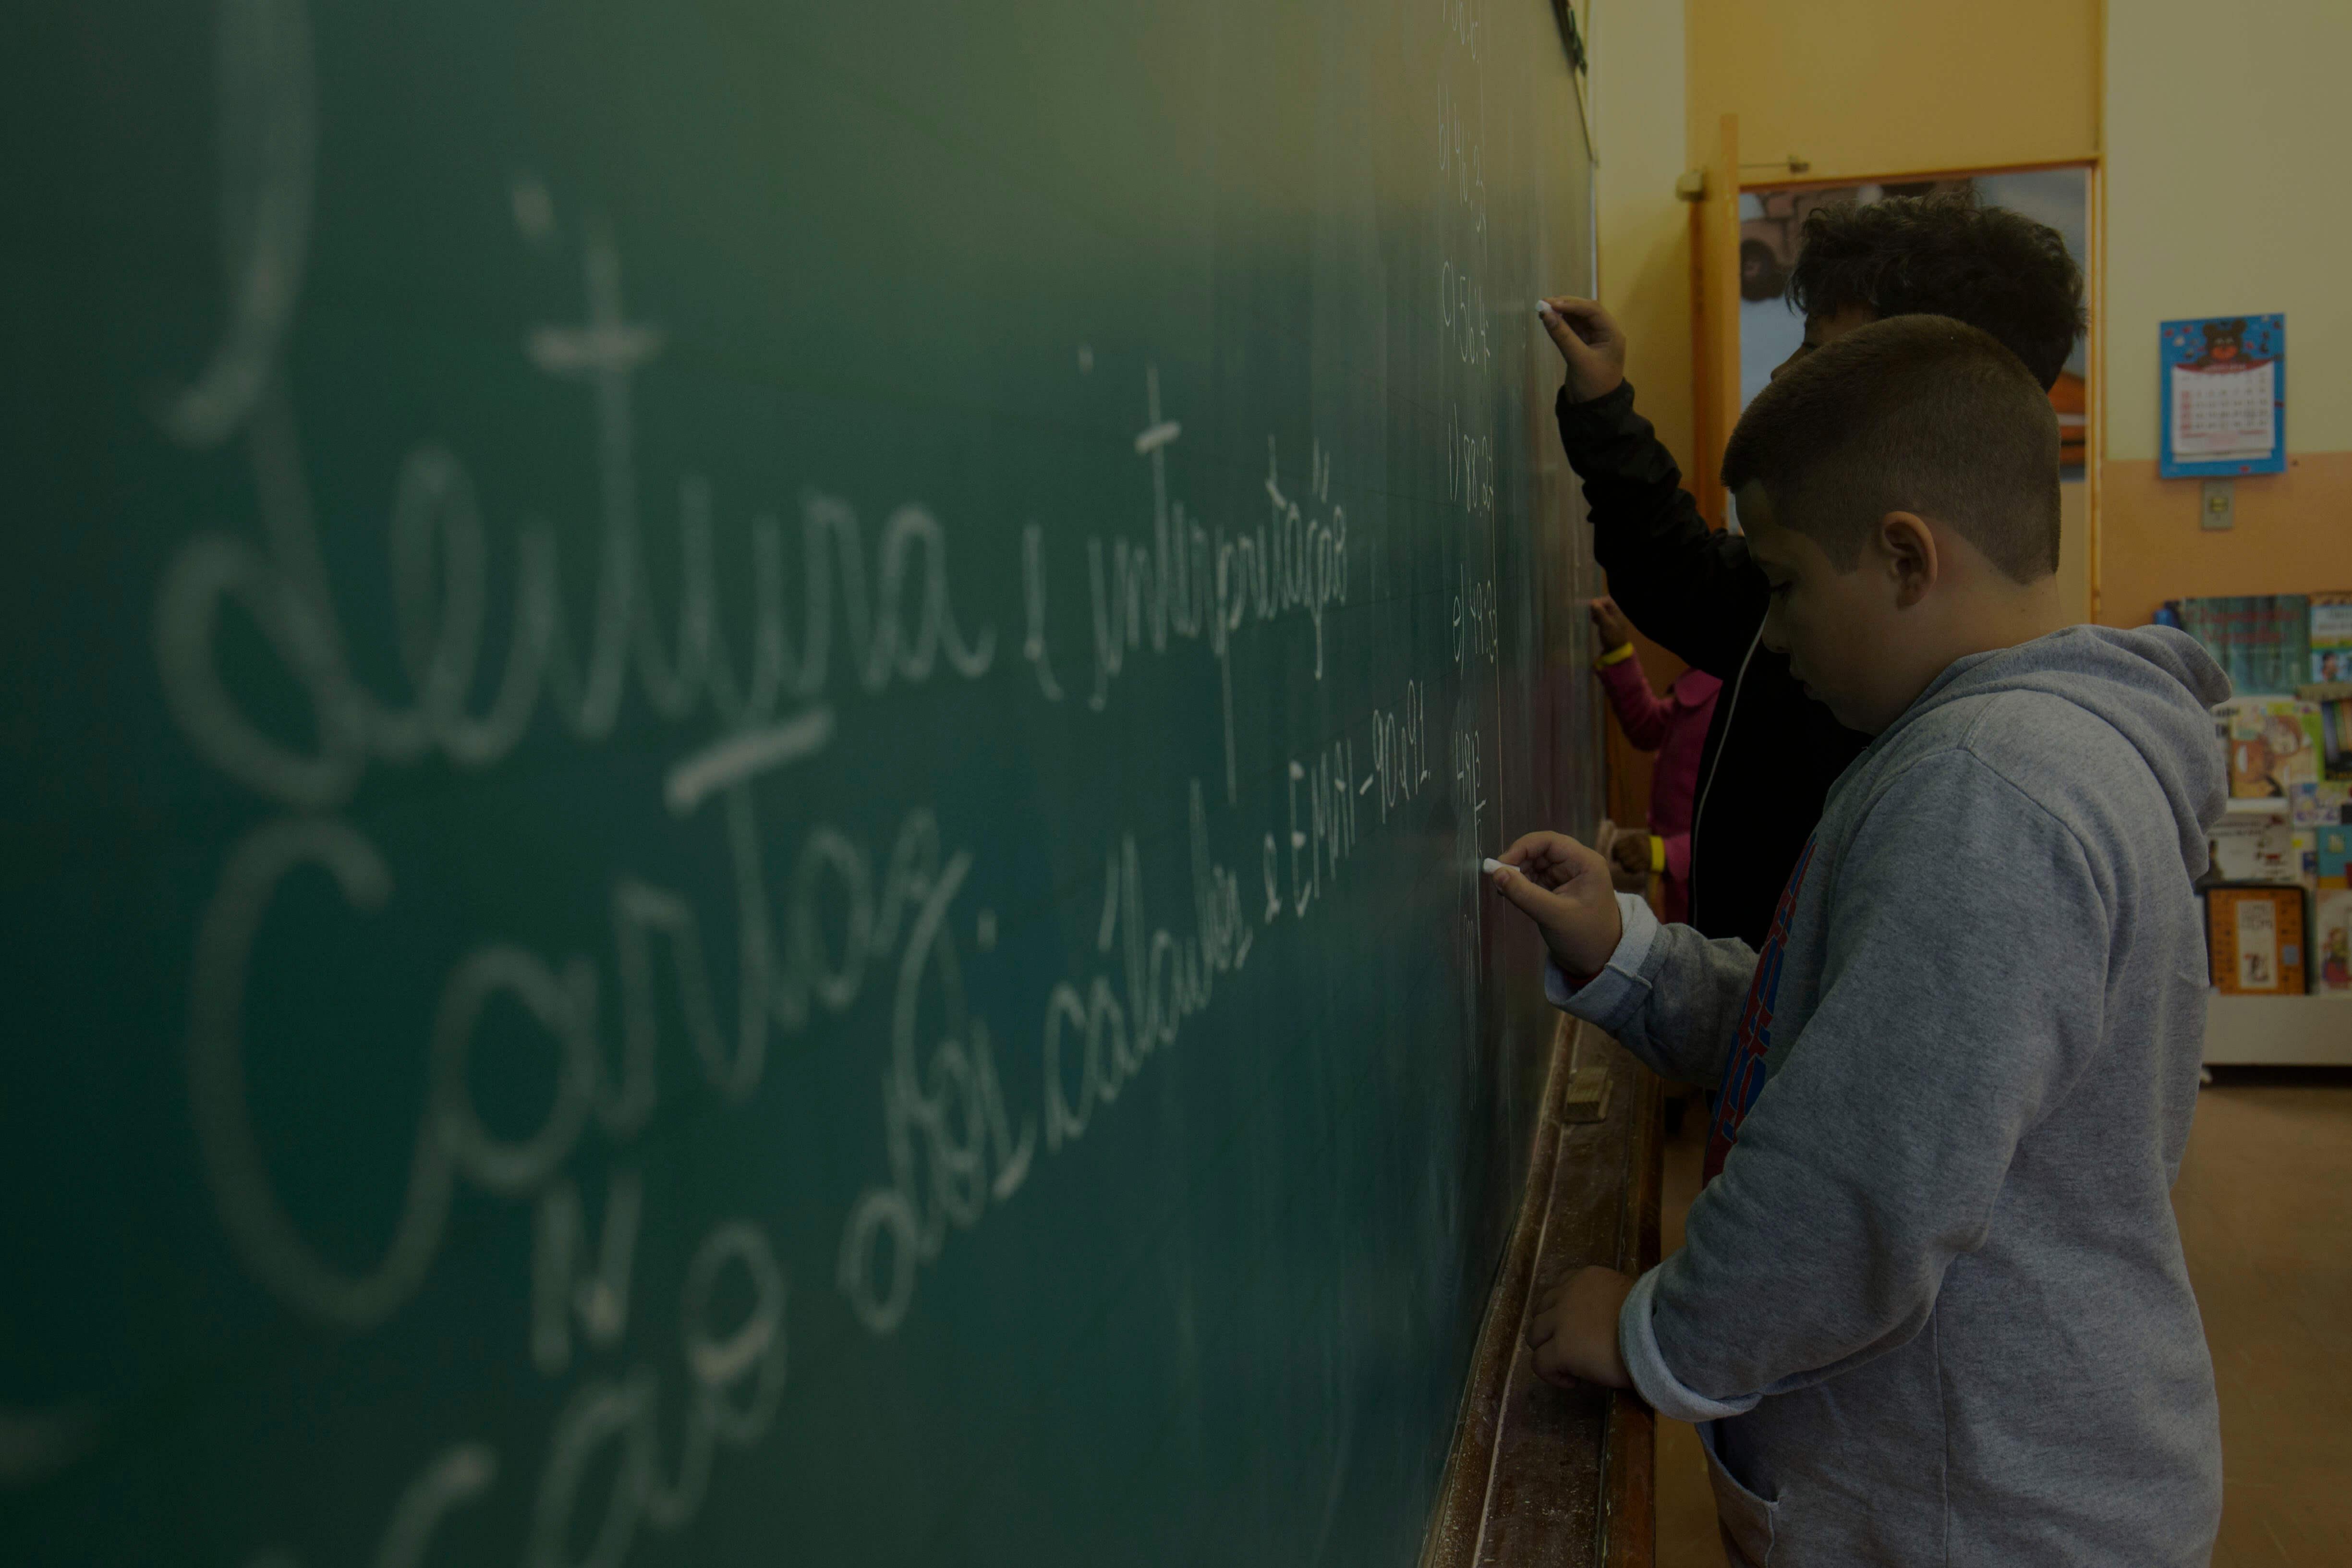 Artigo: Desafio da educação é recomeçar, melhor